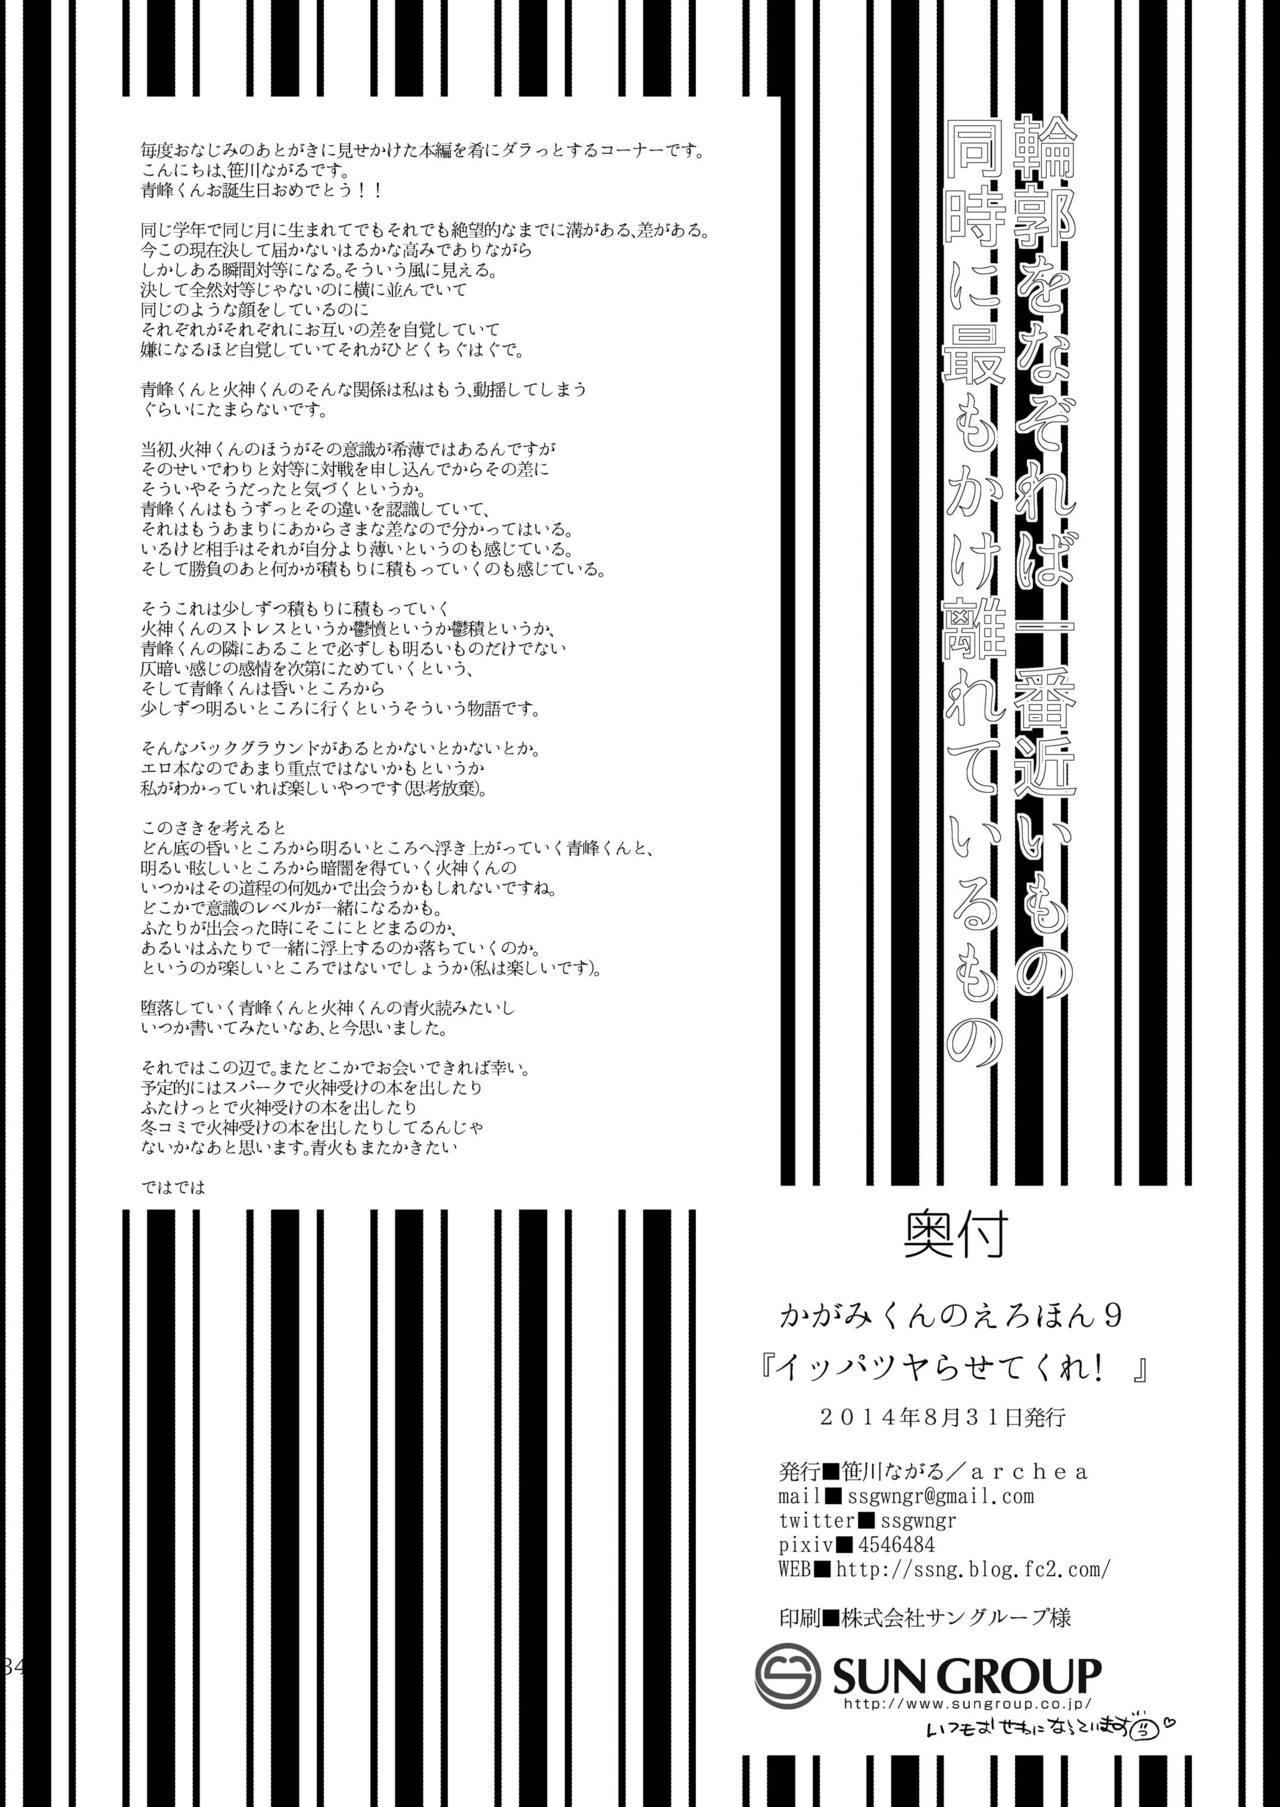 Kagami-kun no Ero hon 9 Ippatsuyara Sete Kure! 32